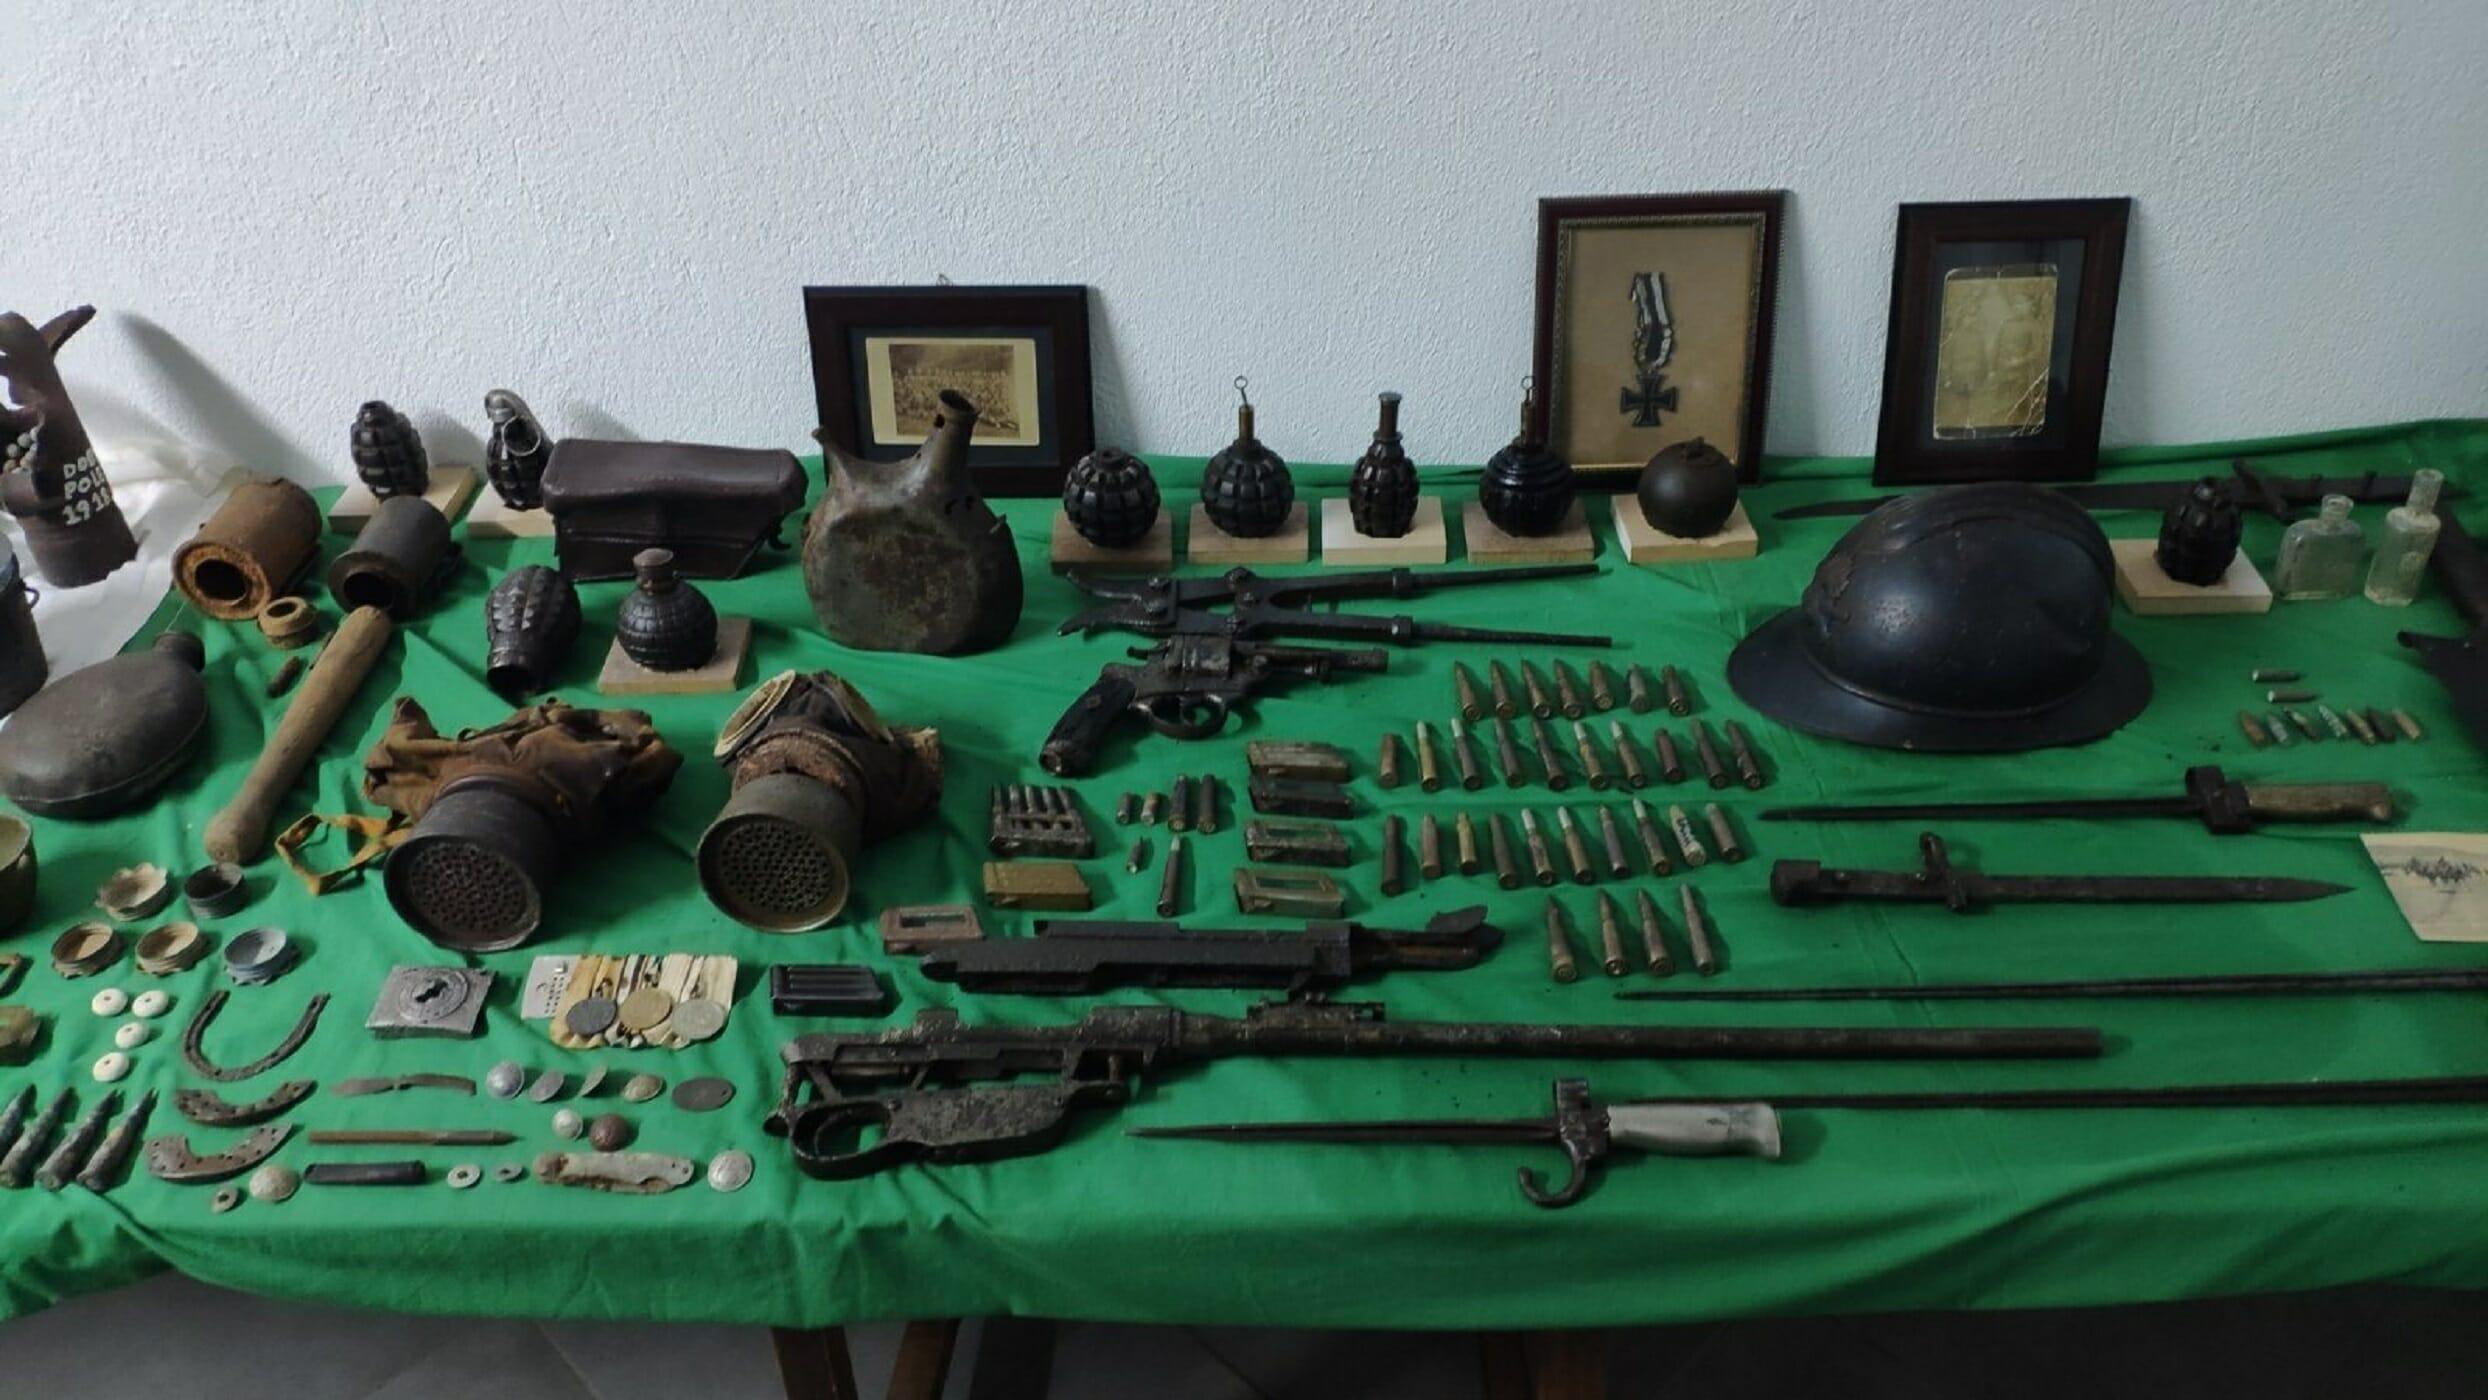 Διατηρούσε σπίτι του ένα ολόκληρο οπλοστάσιο! Χειροβομβίδες, όλμος, ξιφολόγχες, περίστροφα και υλικό για να μικρό... πόλεμο